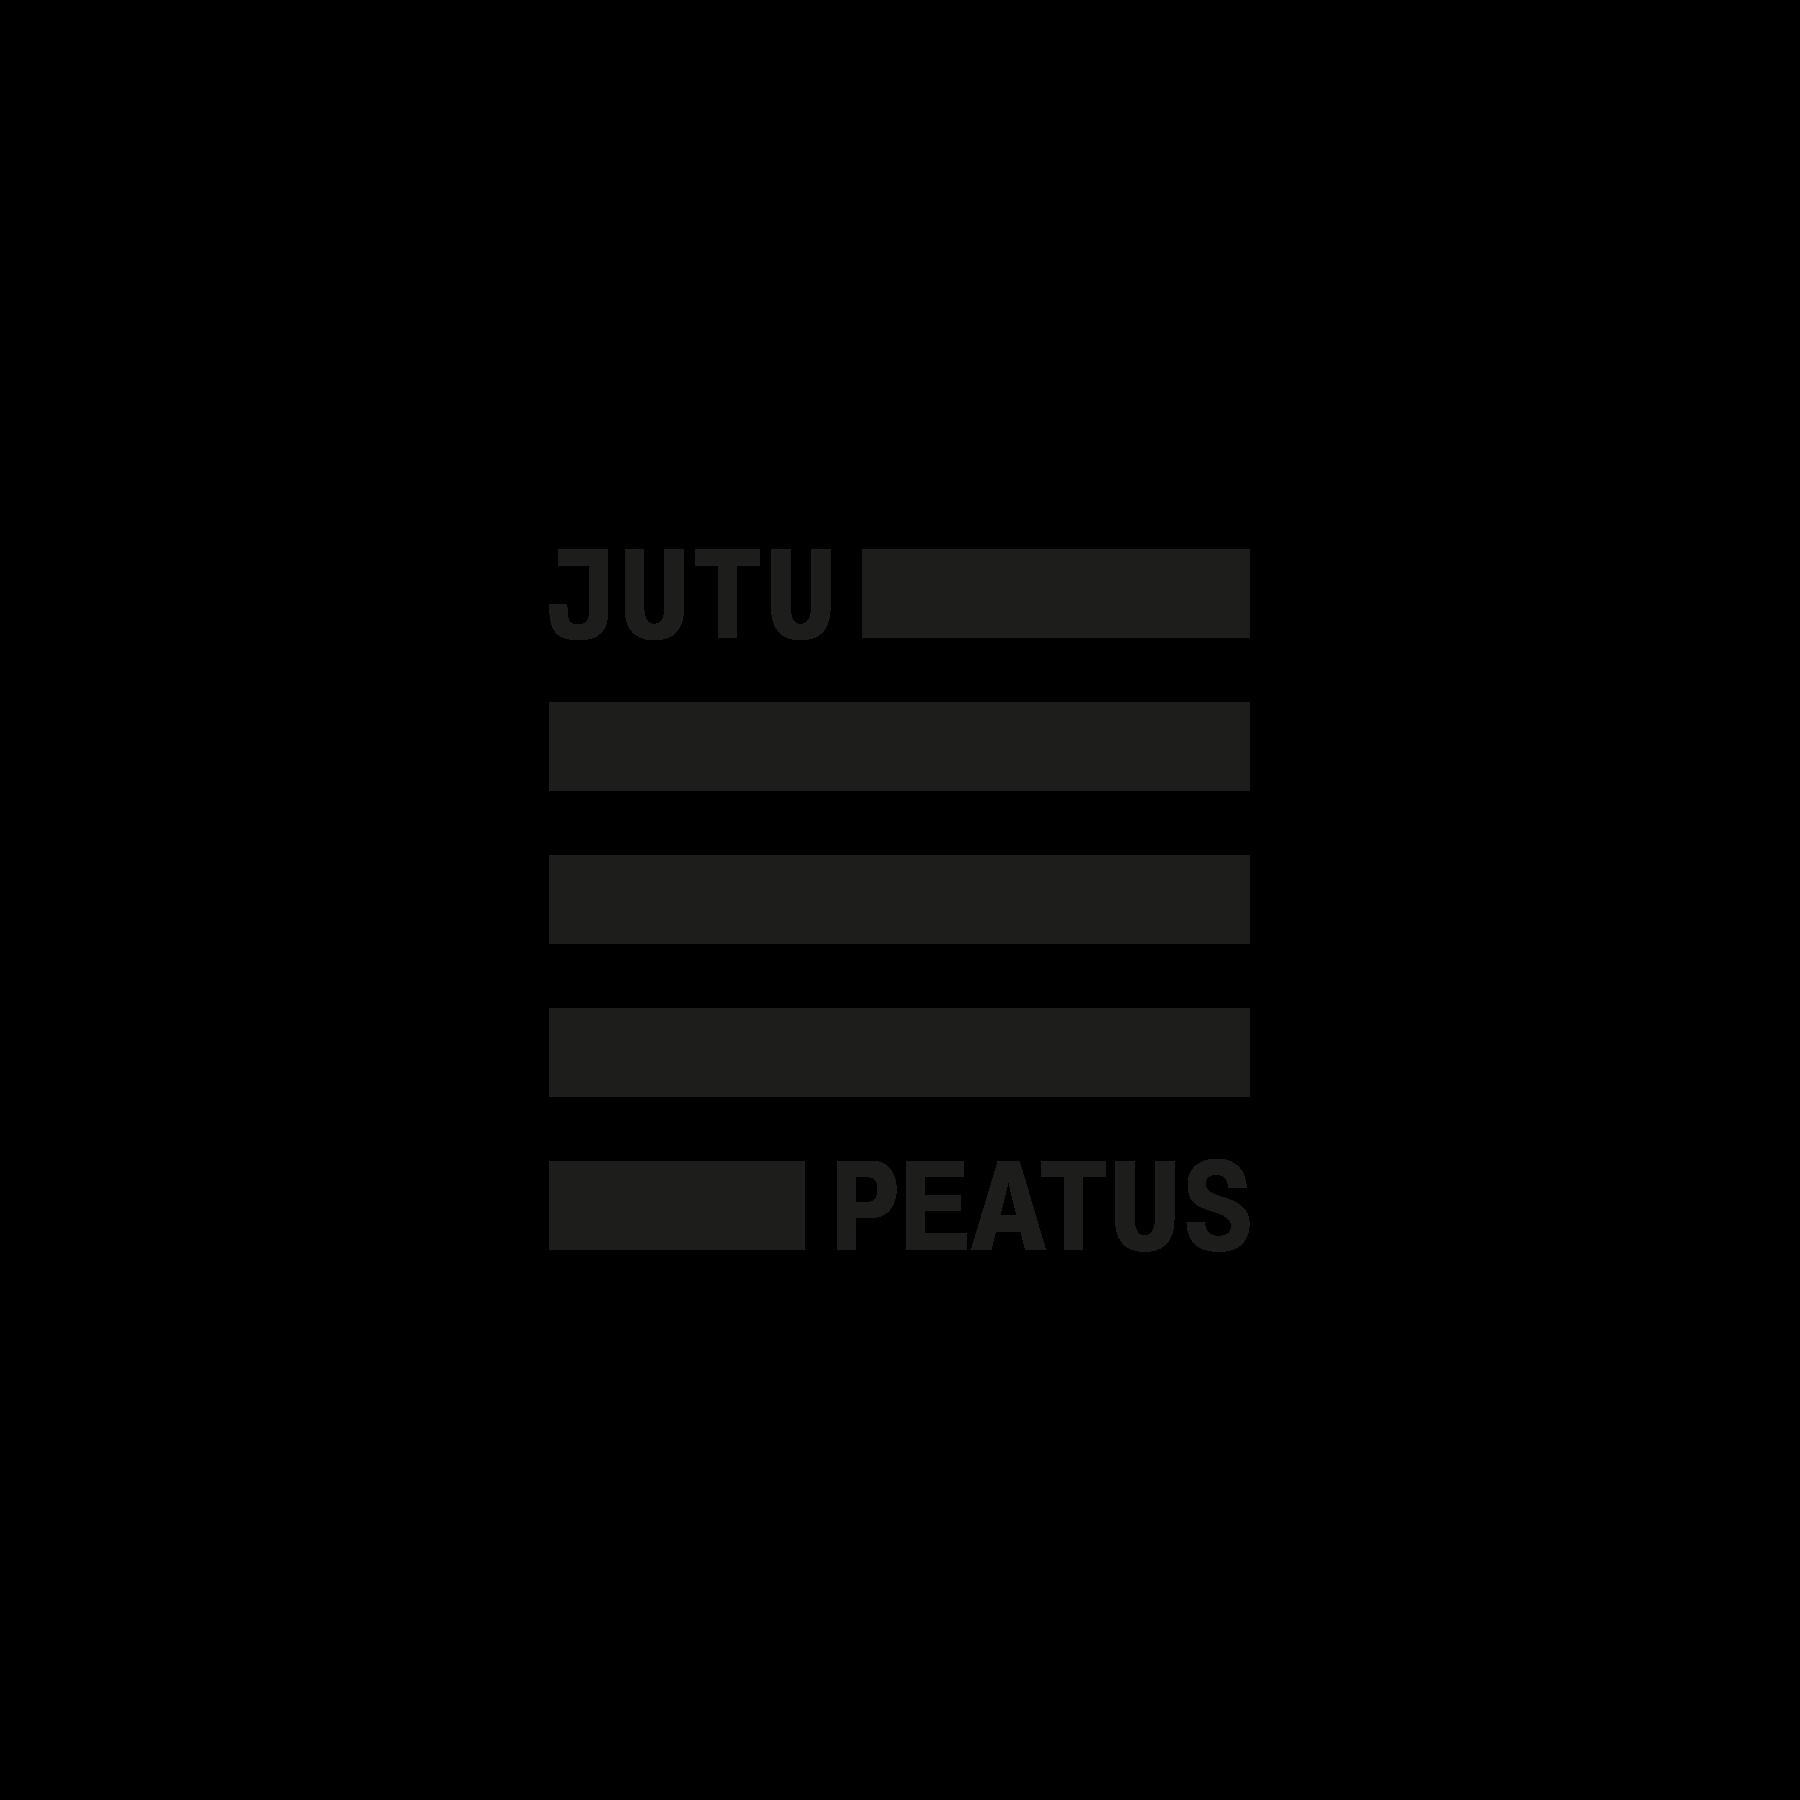 jutupeatus_1800x1800px